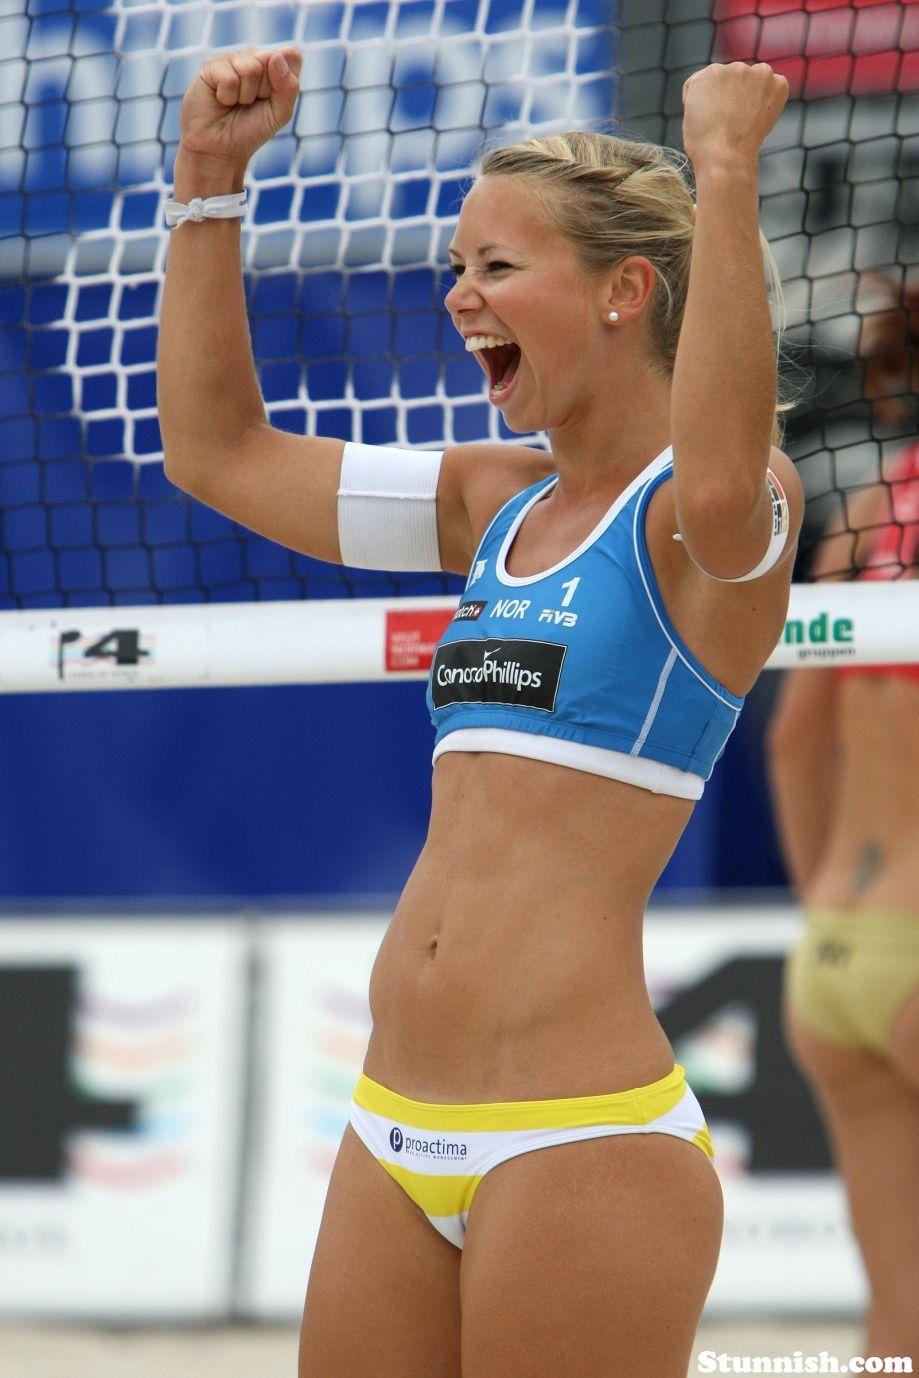 Random Sexiness Stunnish Com Stunnish Com Frauen Volleyball Handball Frauen Athletische Madchen